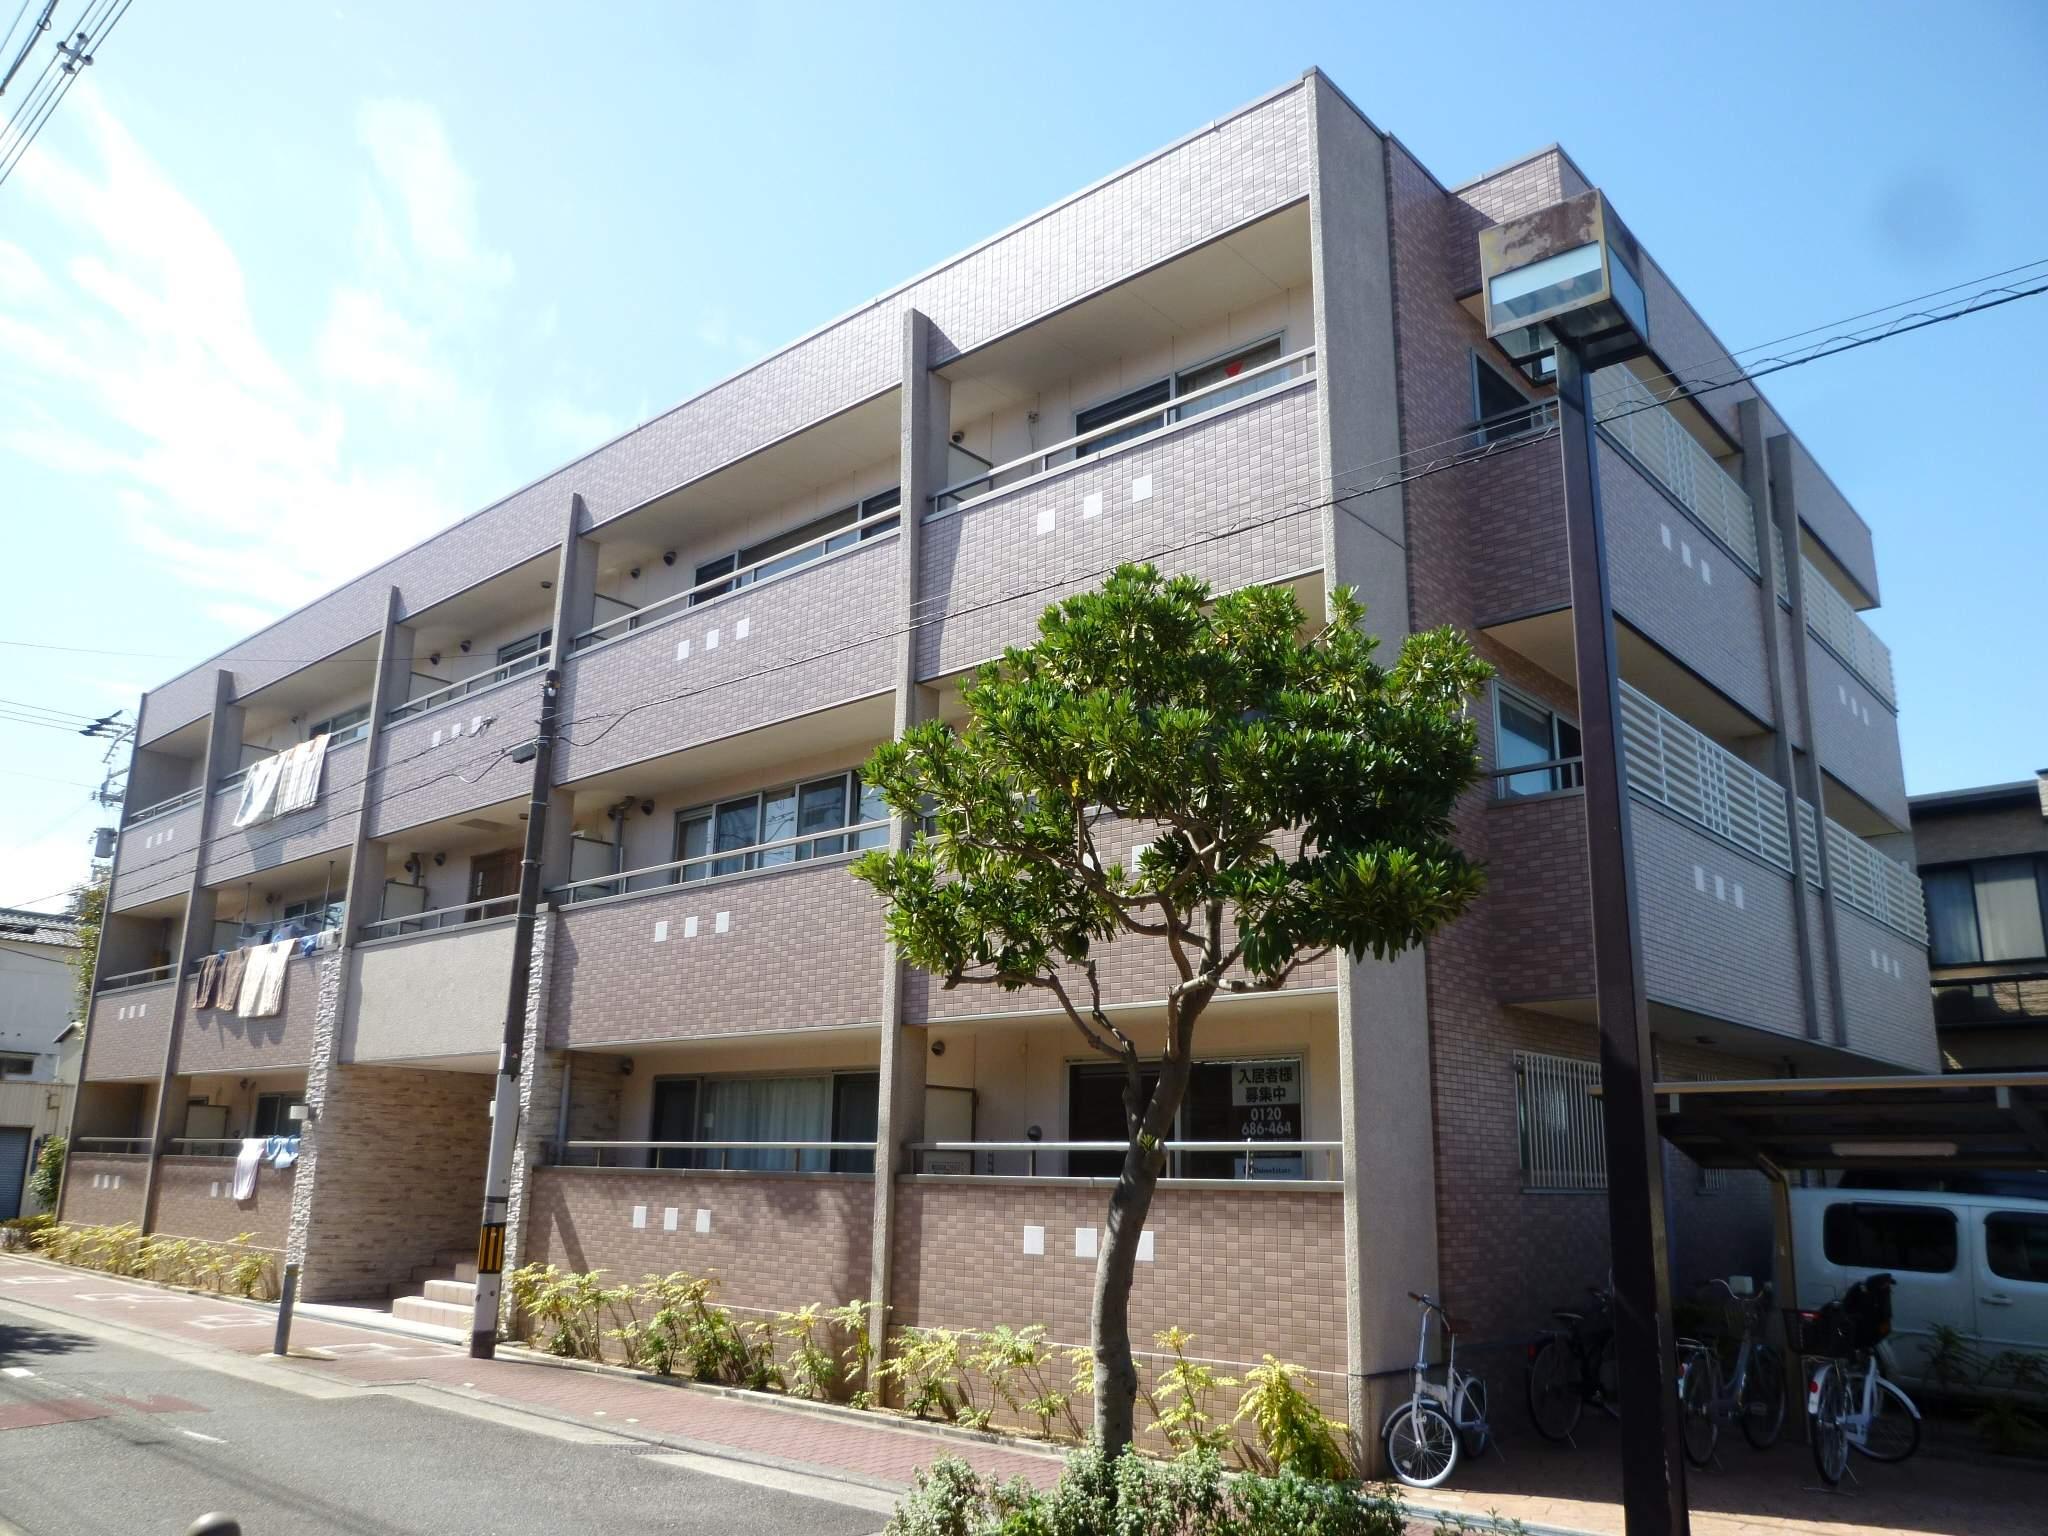 大阪府大阪市旭区、森小路駅徒歩9分の築11年 3階建の賃貸マンション